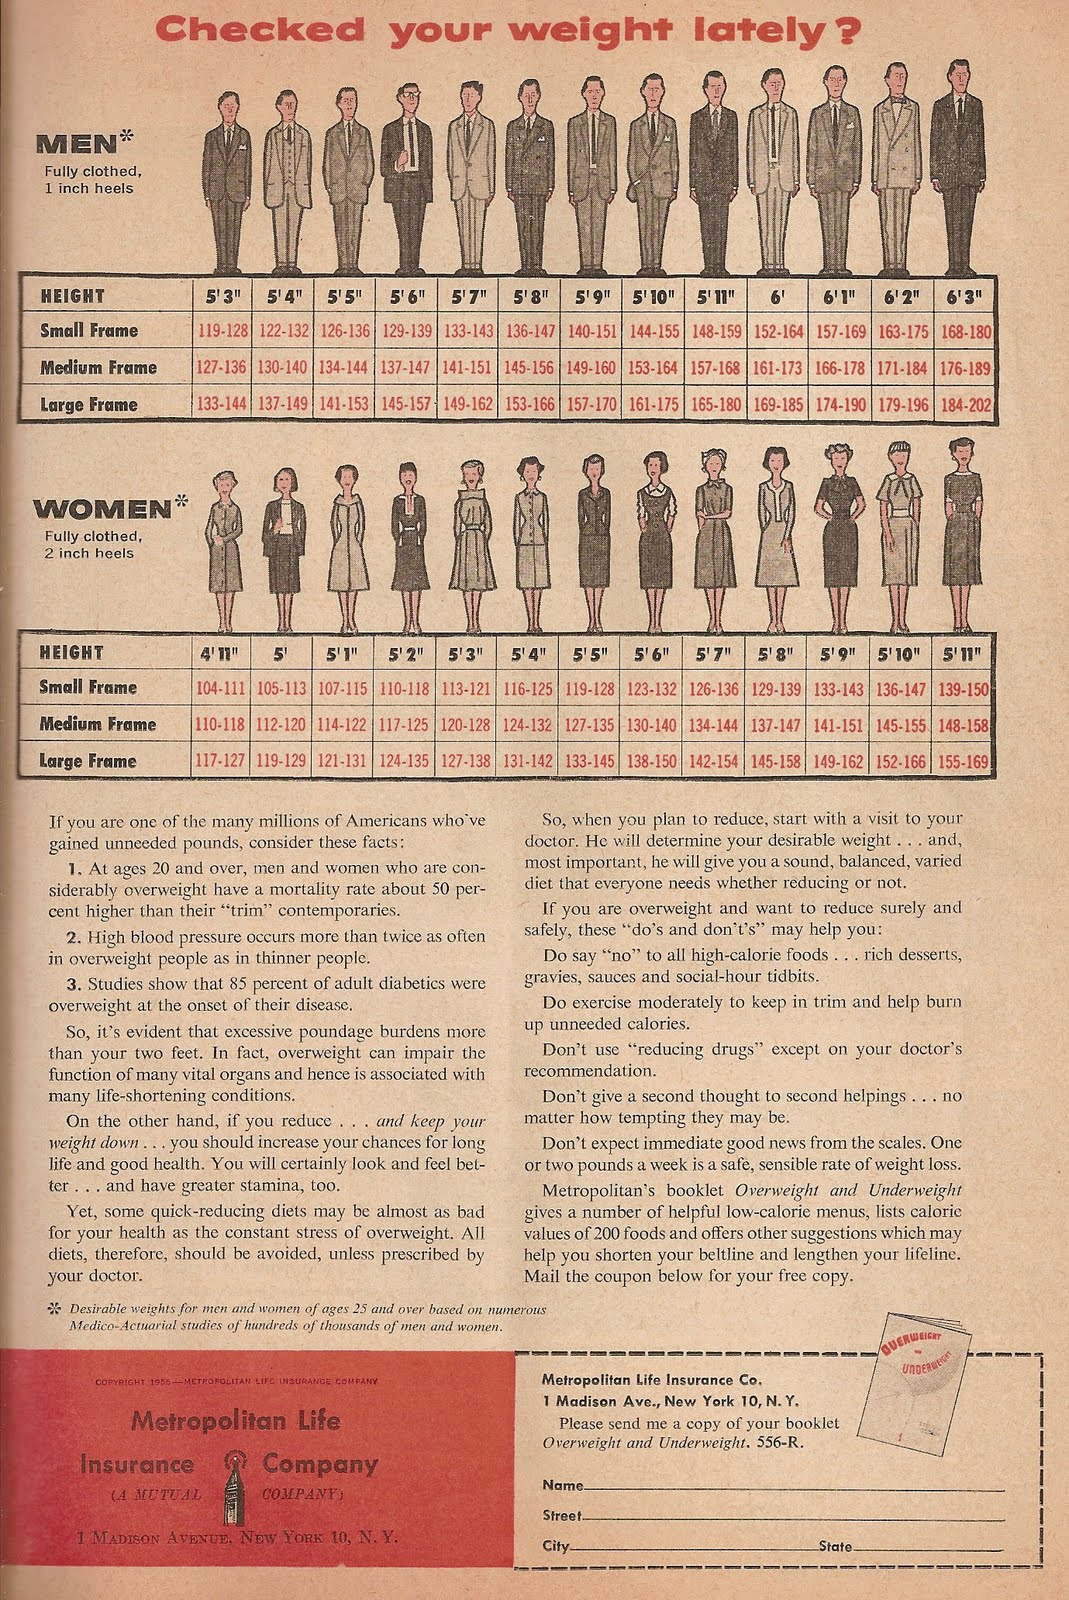 http://2.bp.blogspot.com/_0CbY6icQ2WU/TMpdxfAgryI/AAAAAAAAAtI/0w1_NJF4Ei8/s1600/1950s%2Bweight%2Bchart.jpg